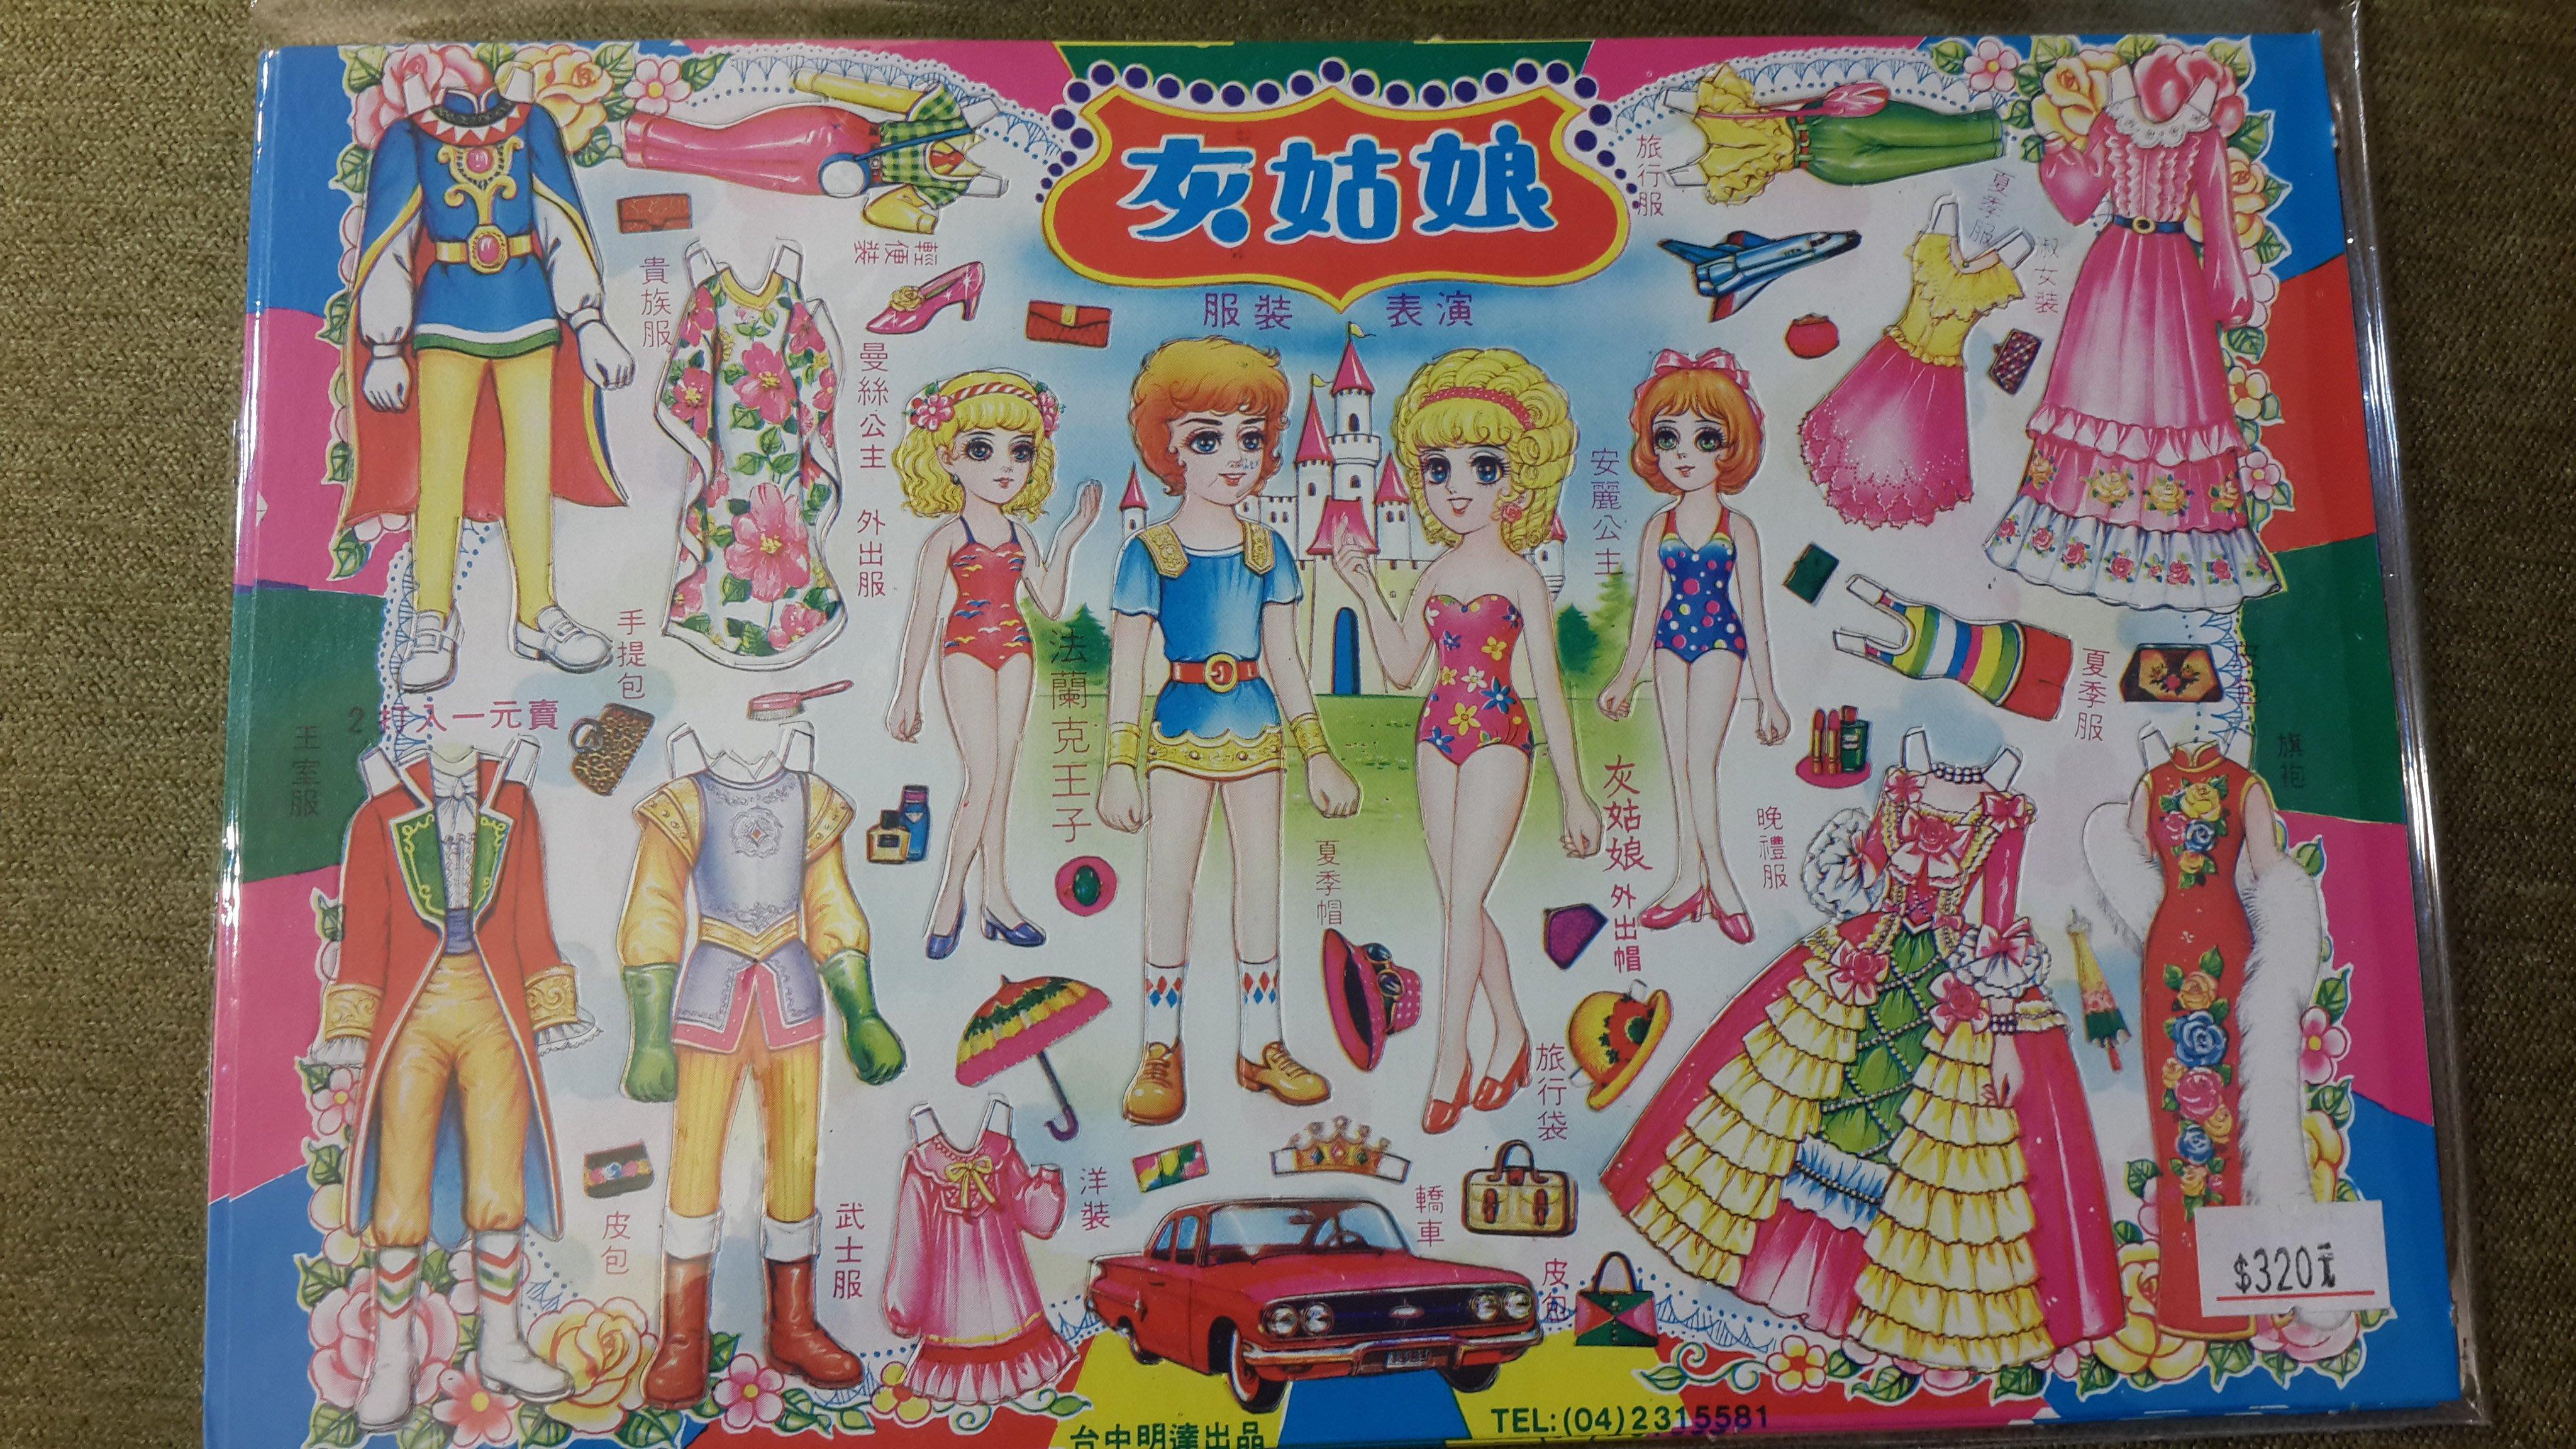 【五六年級童樂會】 早期絕版懷舊童玩紙娃娃 服裝表演 灰姑娘(小)80048